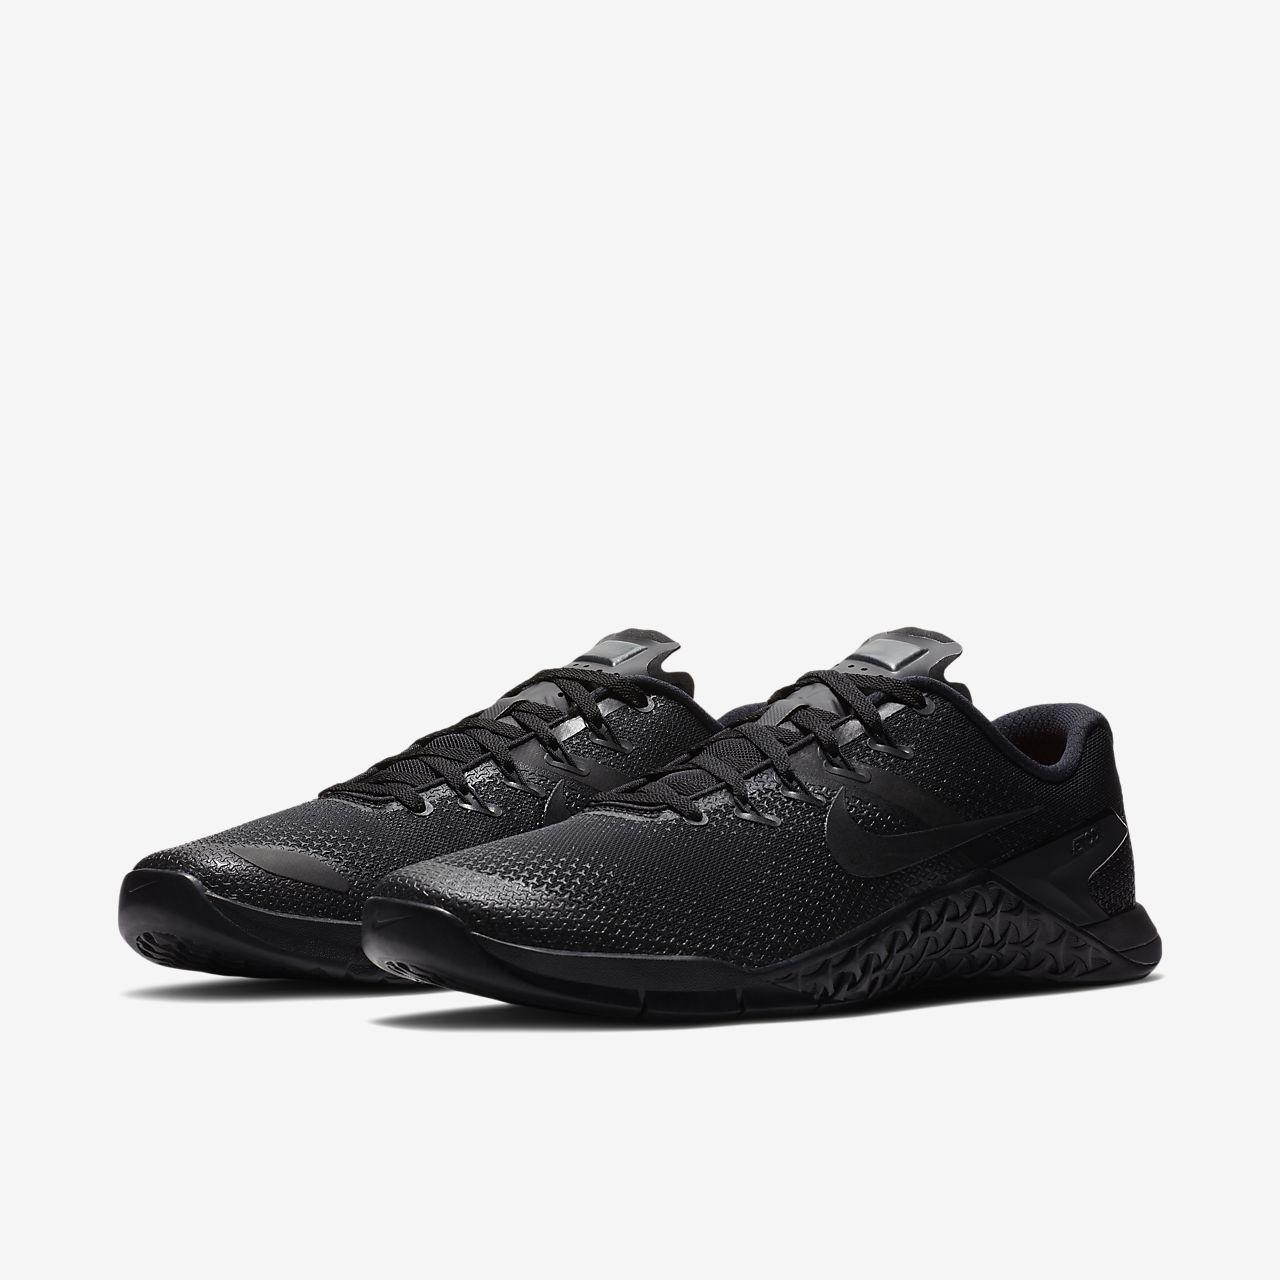 separation shoes 2e0ff ebeaa ... Chaussure de cross-training et de renforcement musculaire Nike Metcon 4  pour Homme